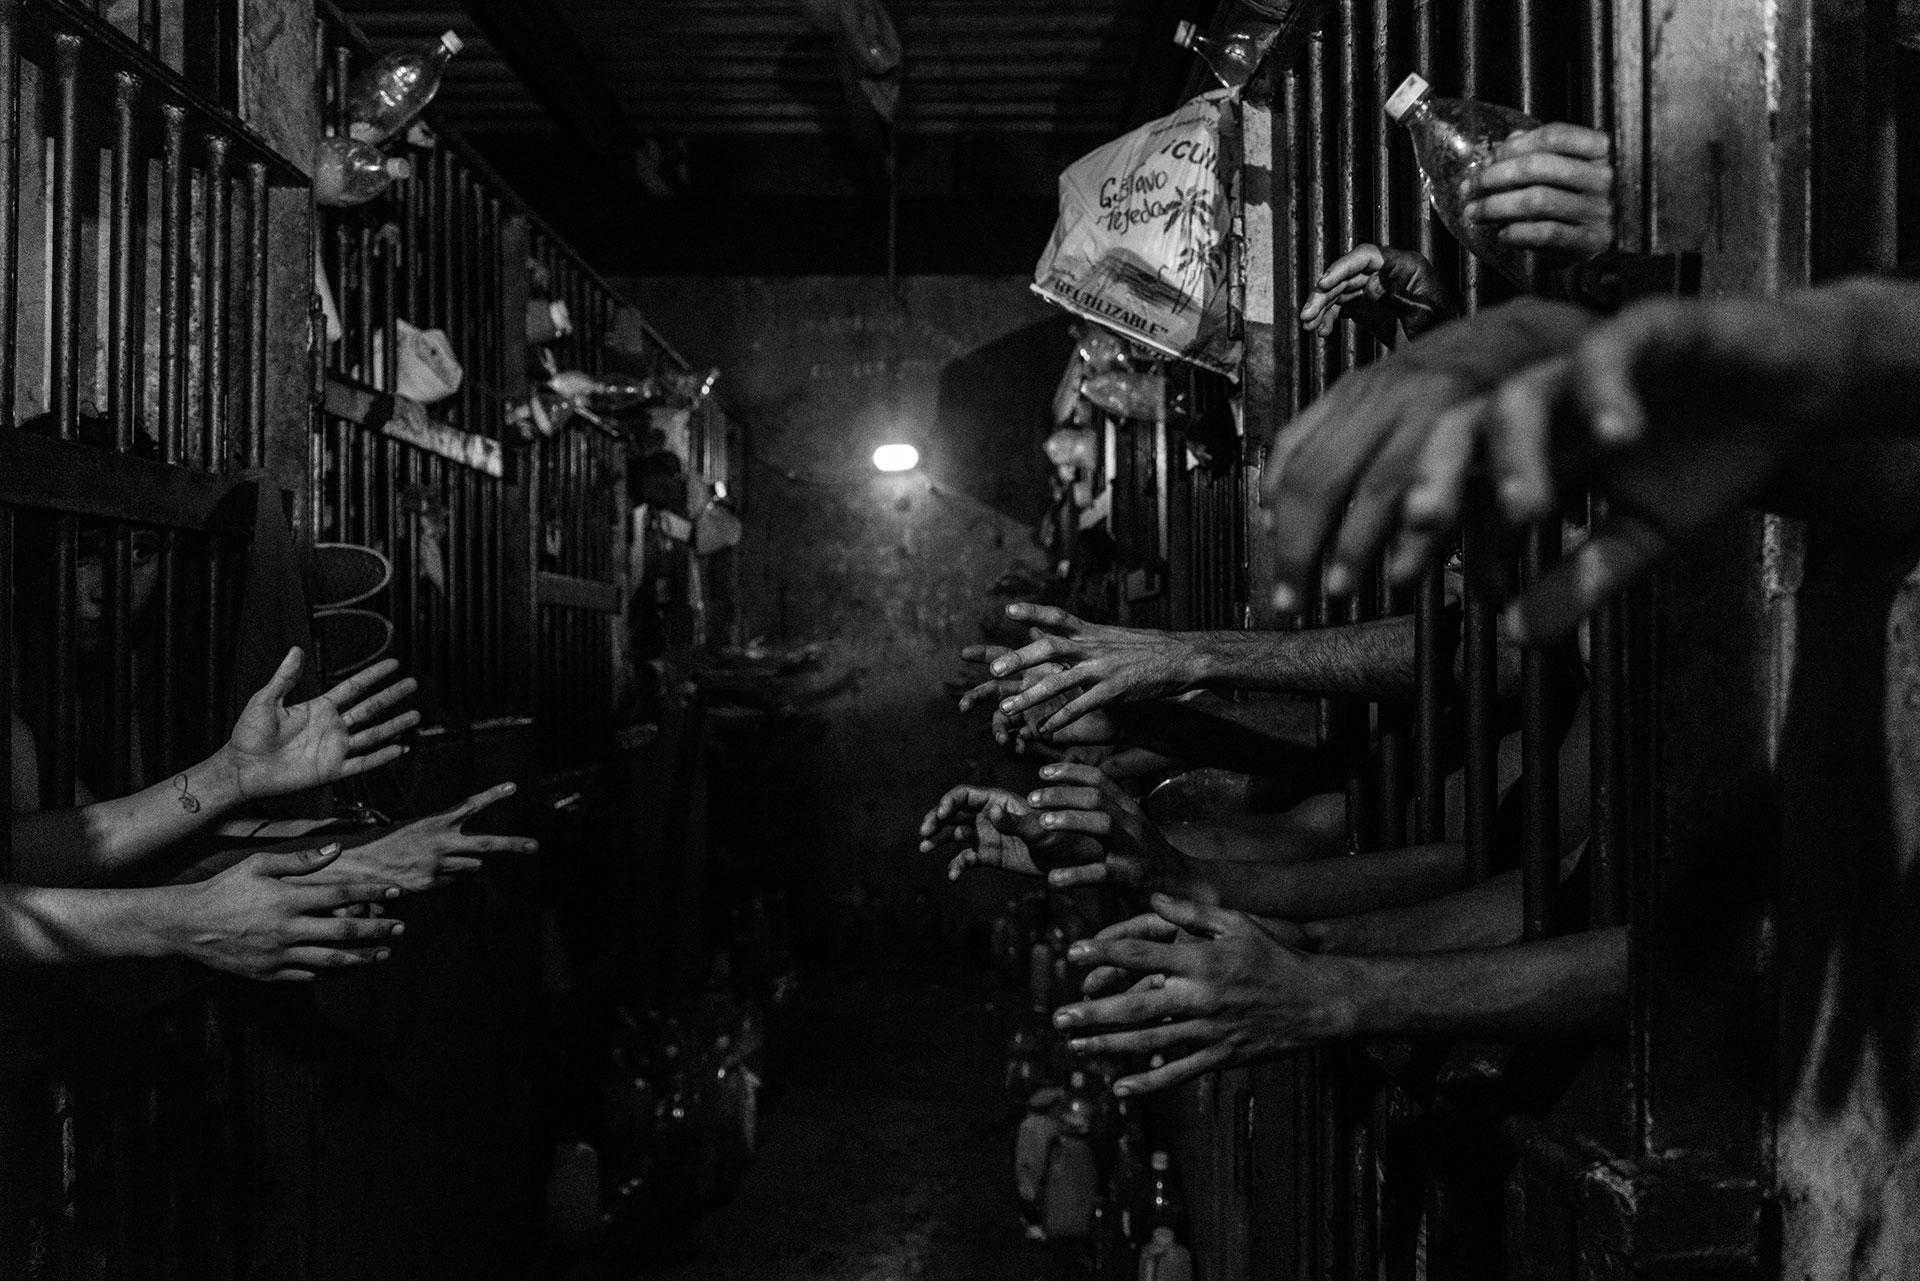 Un policía registra a un sospechoso de haber apuñalado a otro hombre para robarle. Los robos se han convertido en una importante causa de preocupación entre la población venezolana, ya que, a menudo se convierten en homicidios cuando las víctimas se resisten.